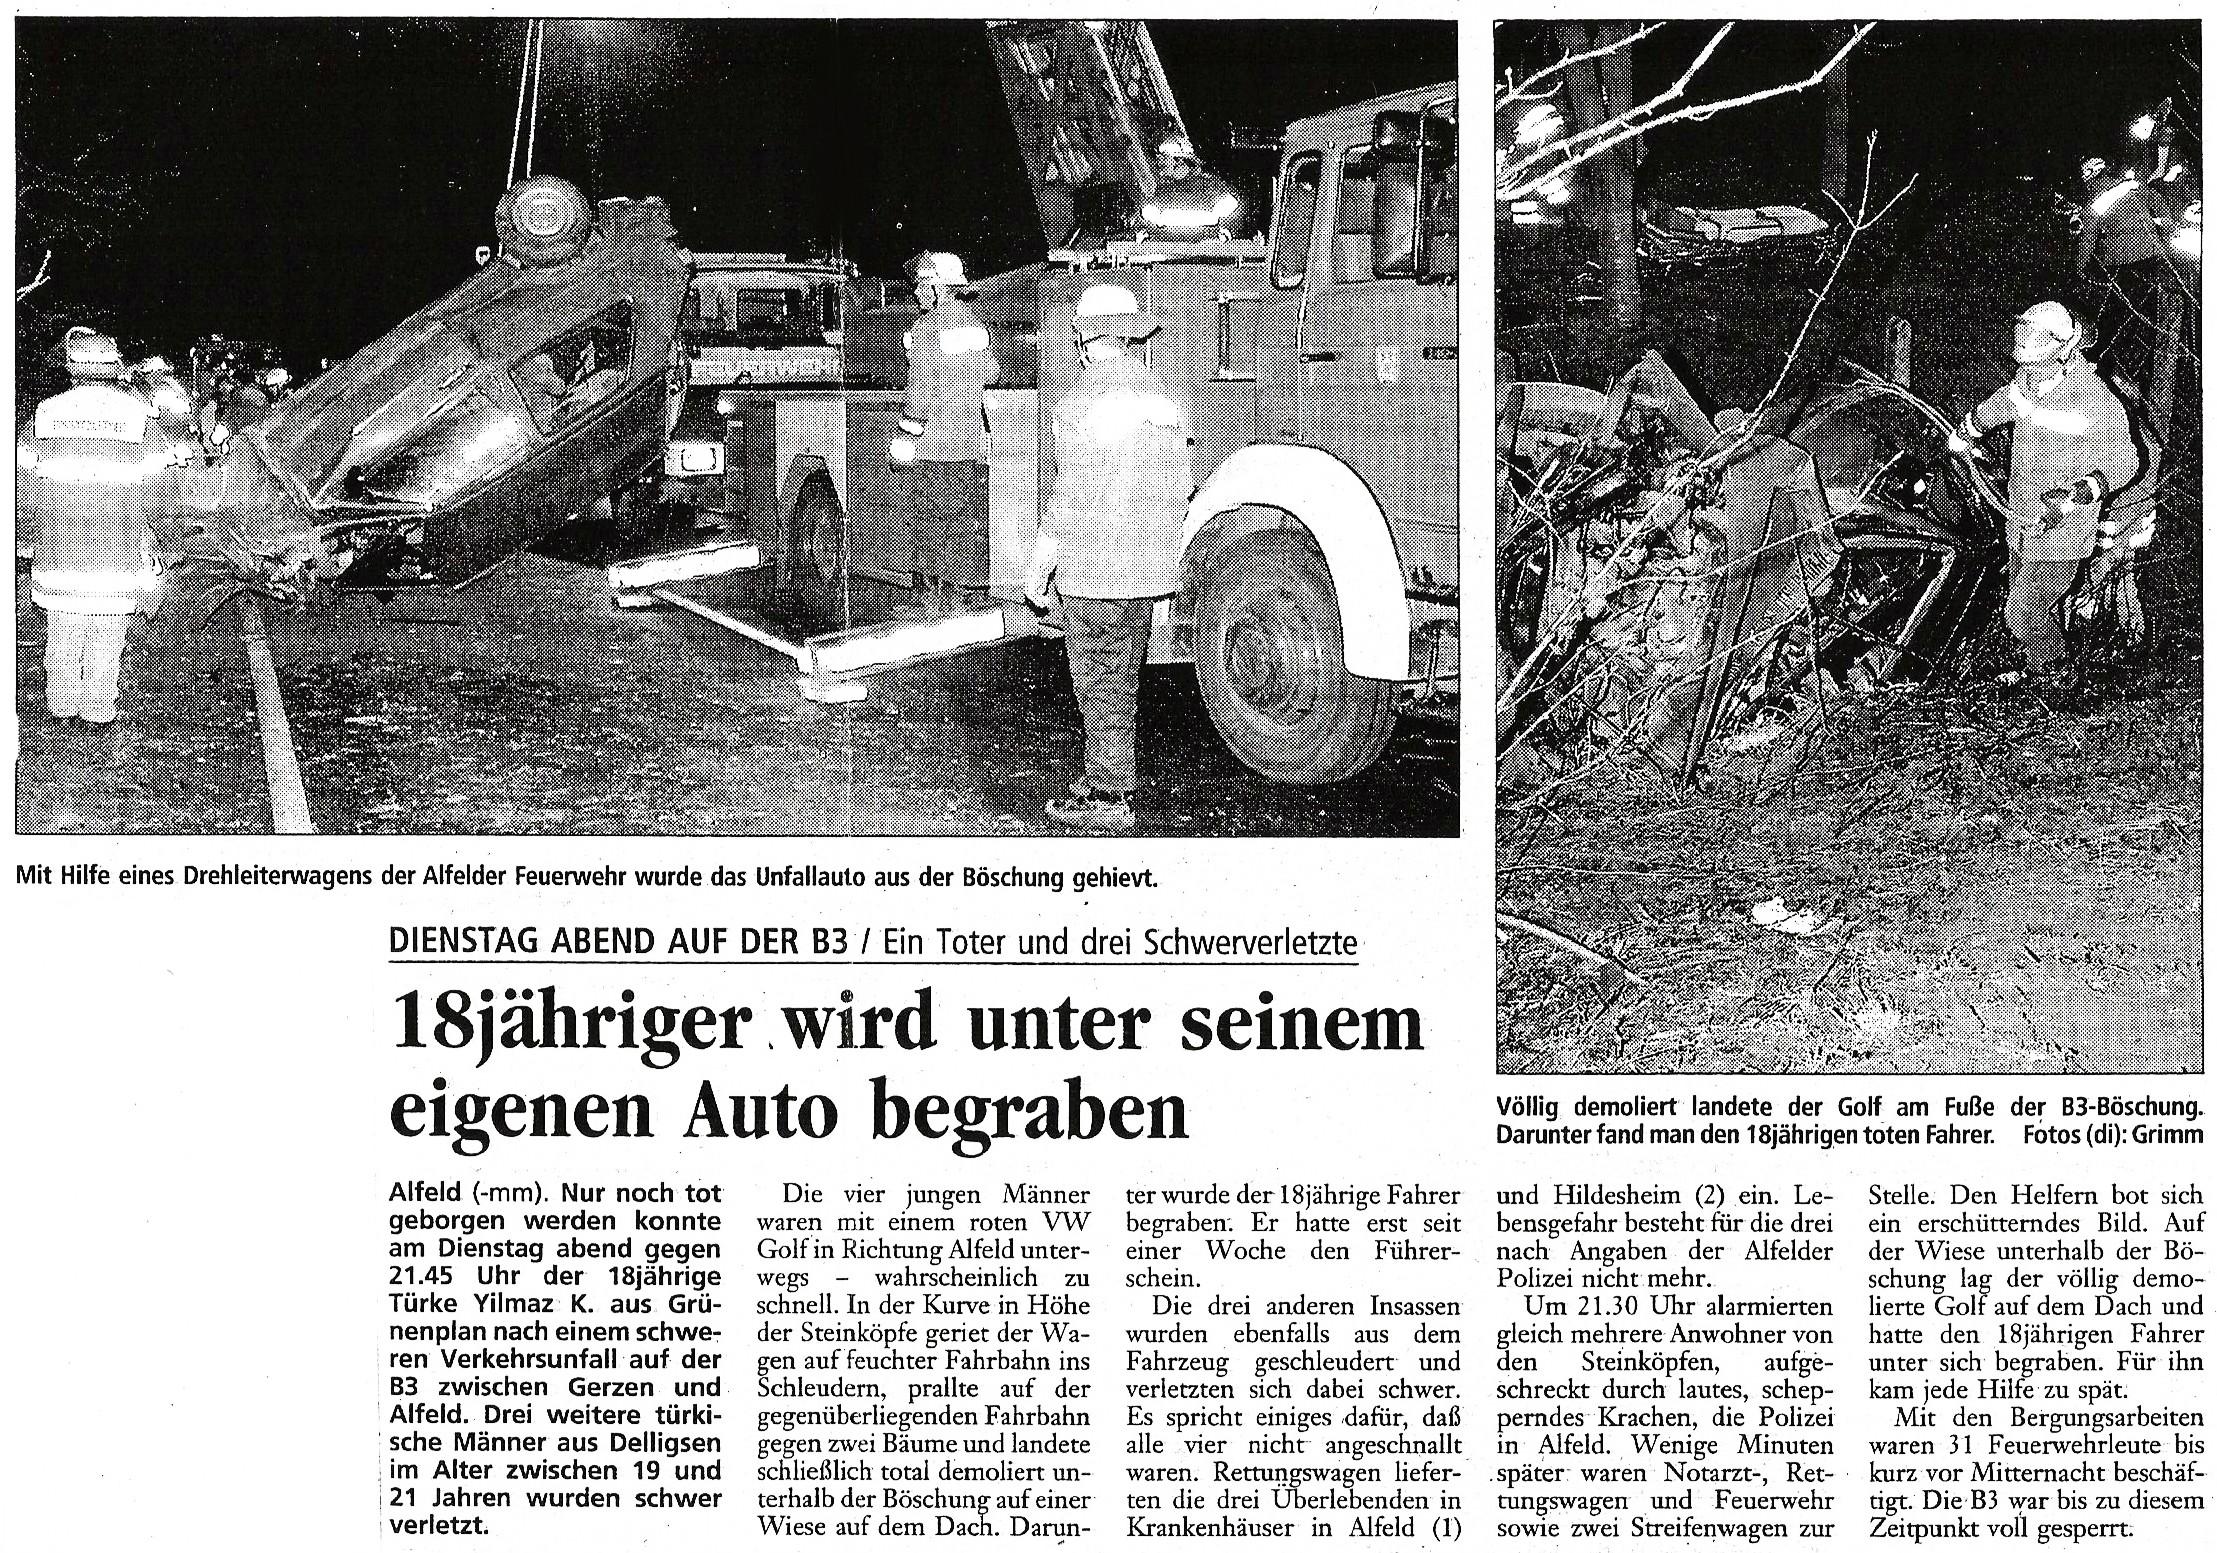 1999-02-25 18jähriger wird unter seinem eigenen Auto begraben